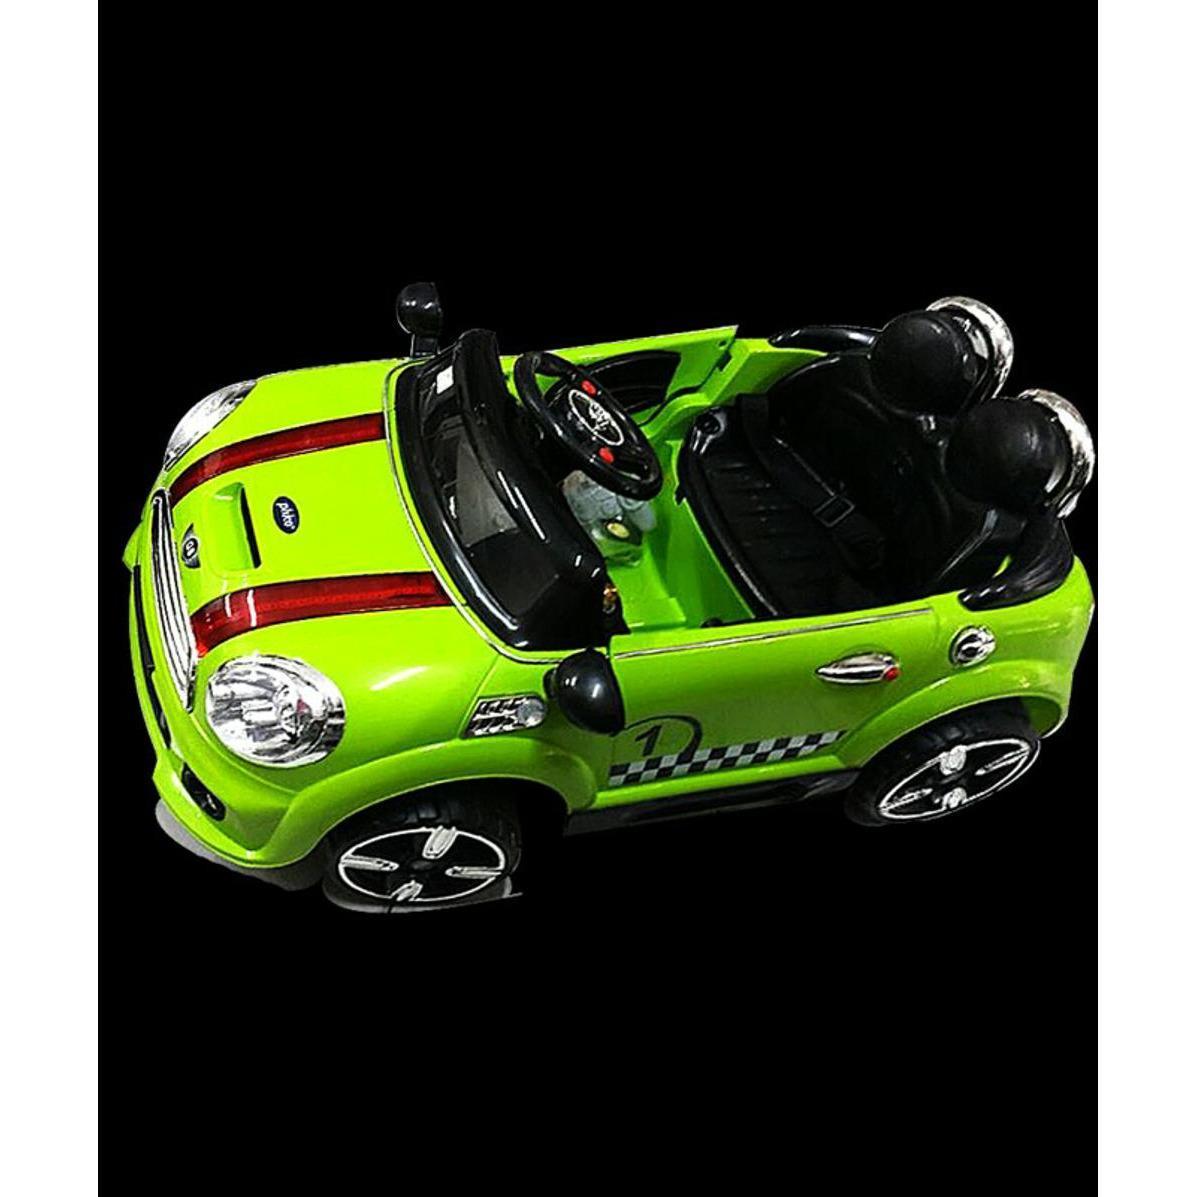 Mobil Aki Mini Cooper Classic Warna Hijau By Jurassic Park_shop.